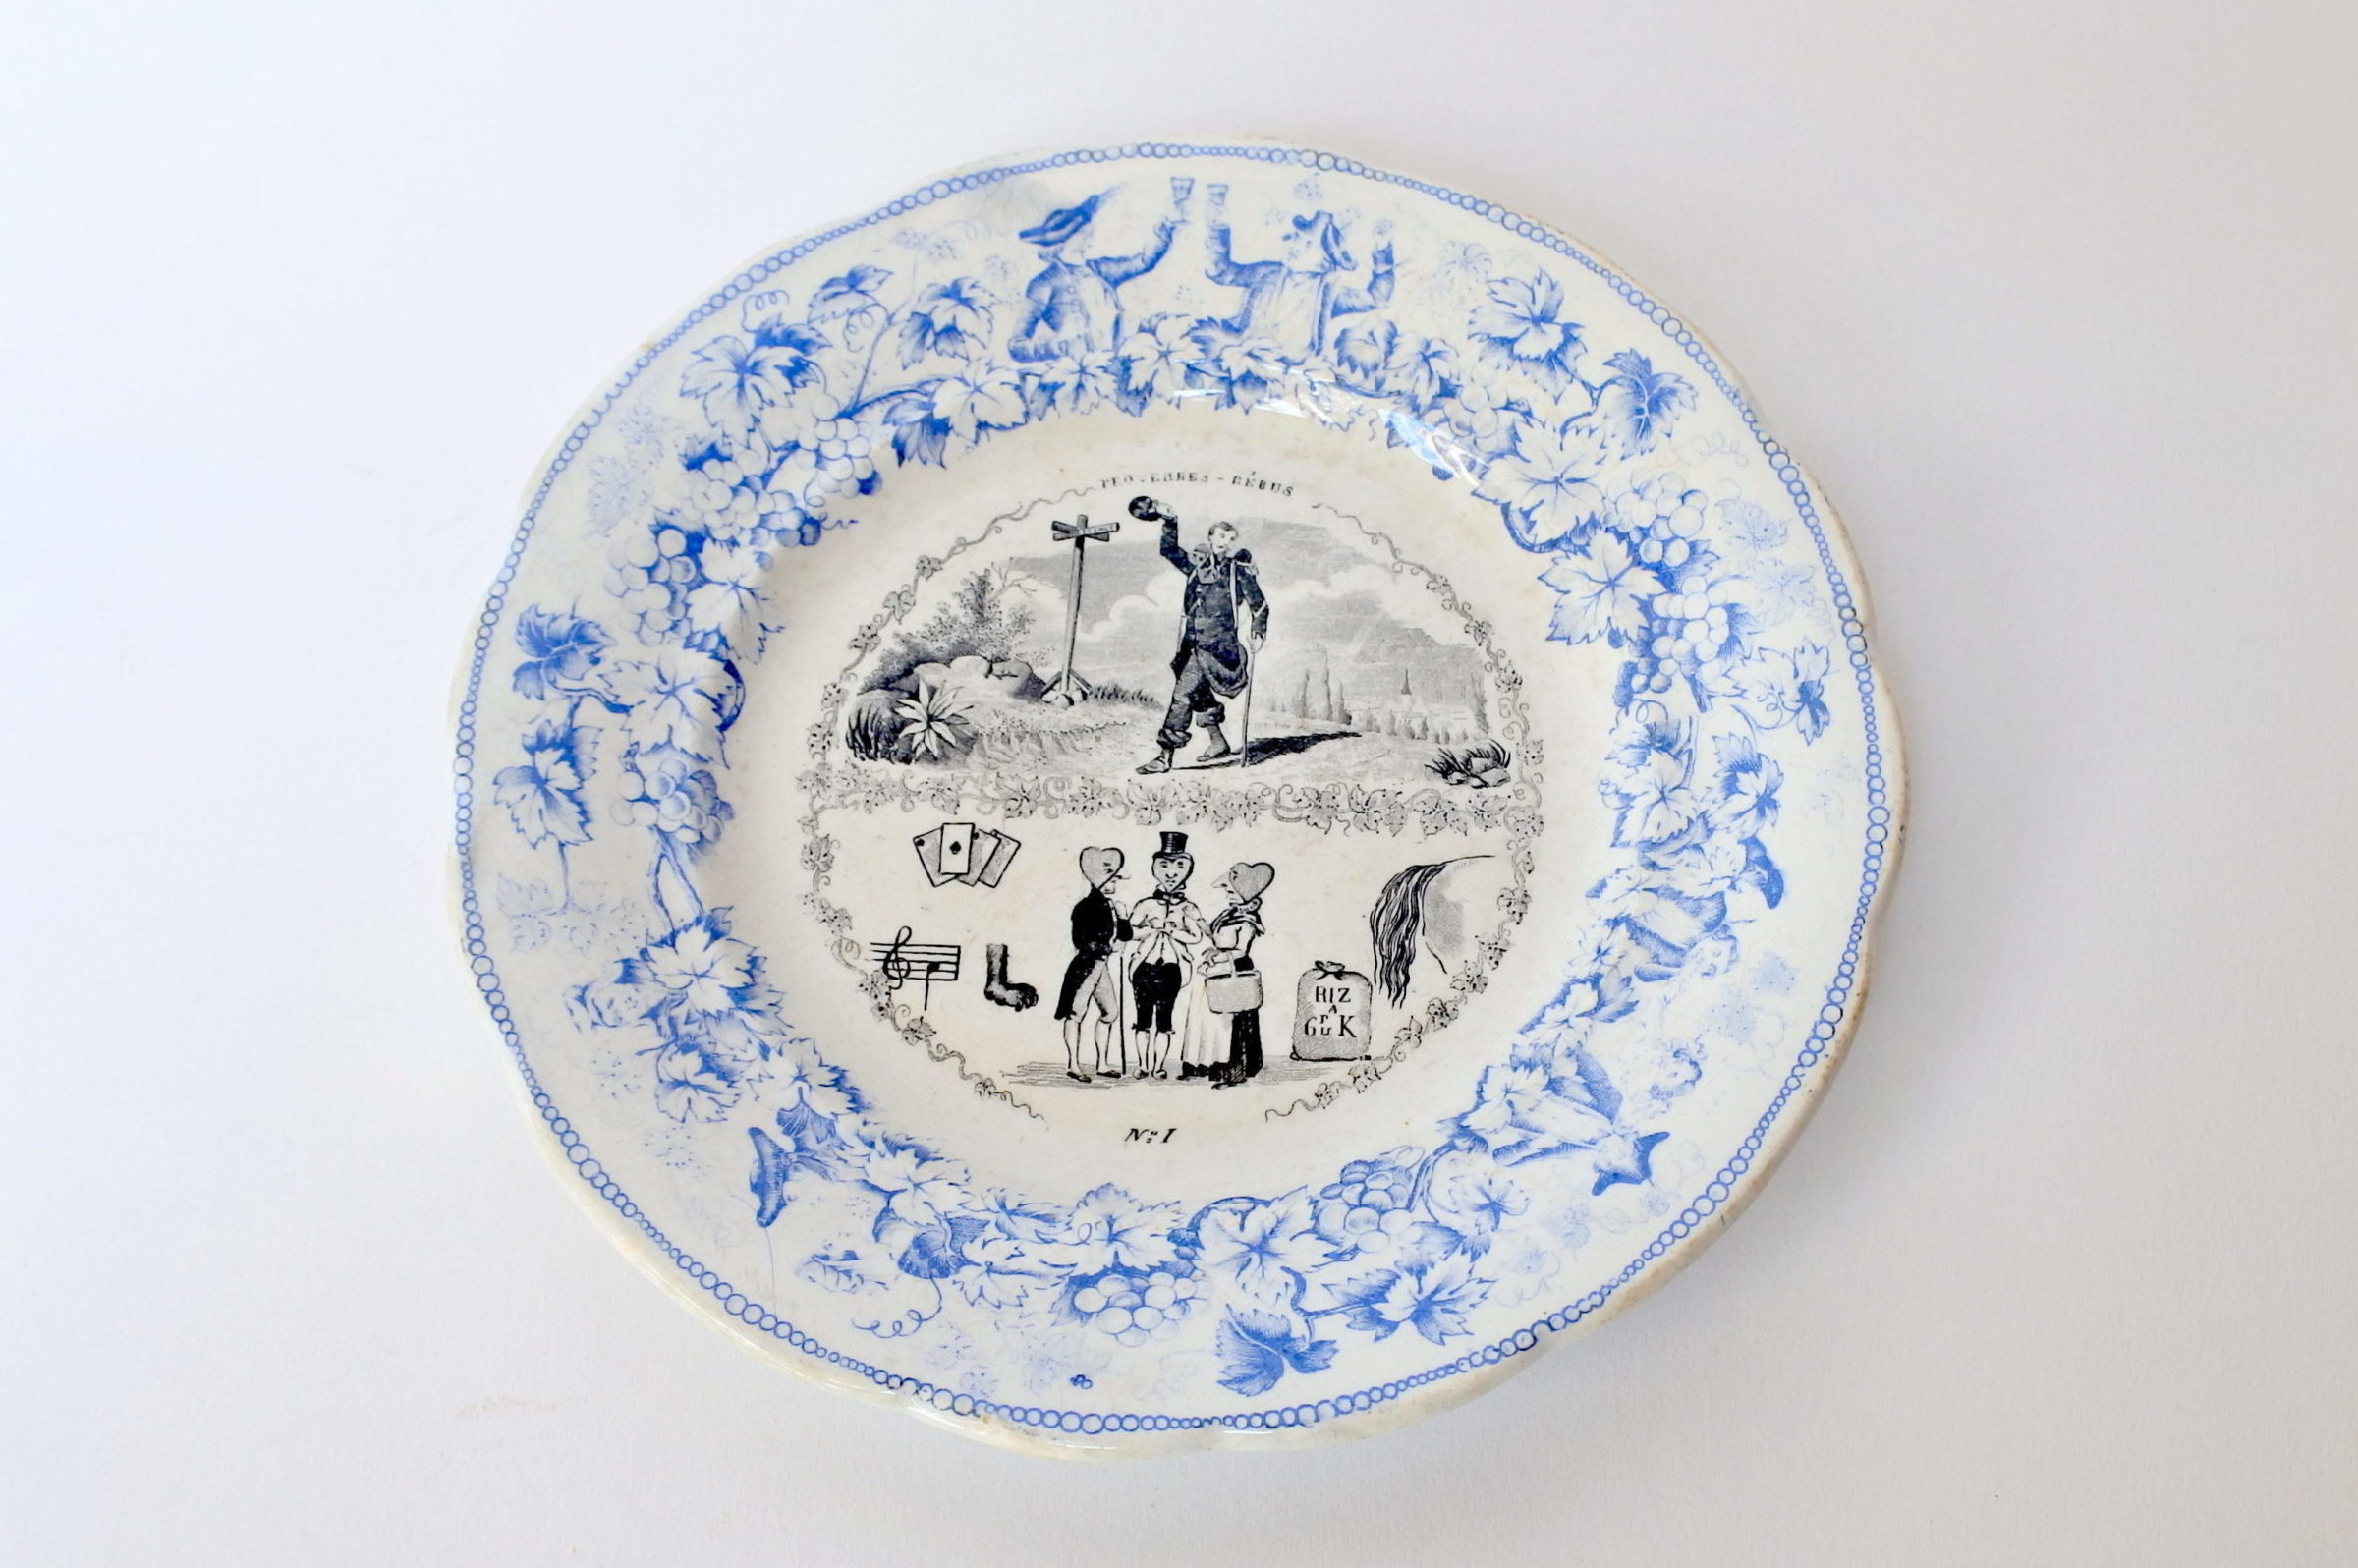 Piatto in ceramica con cornice blu decorato con rebus - decoro n° 1